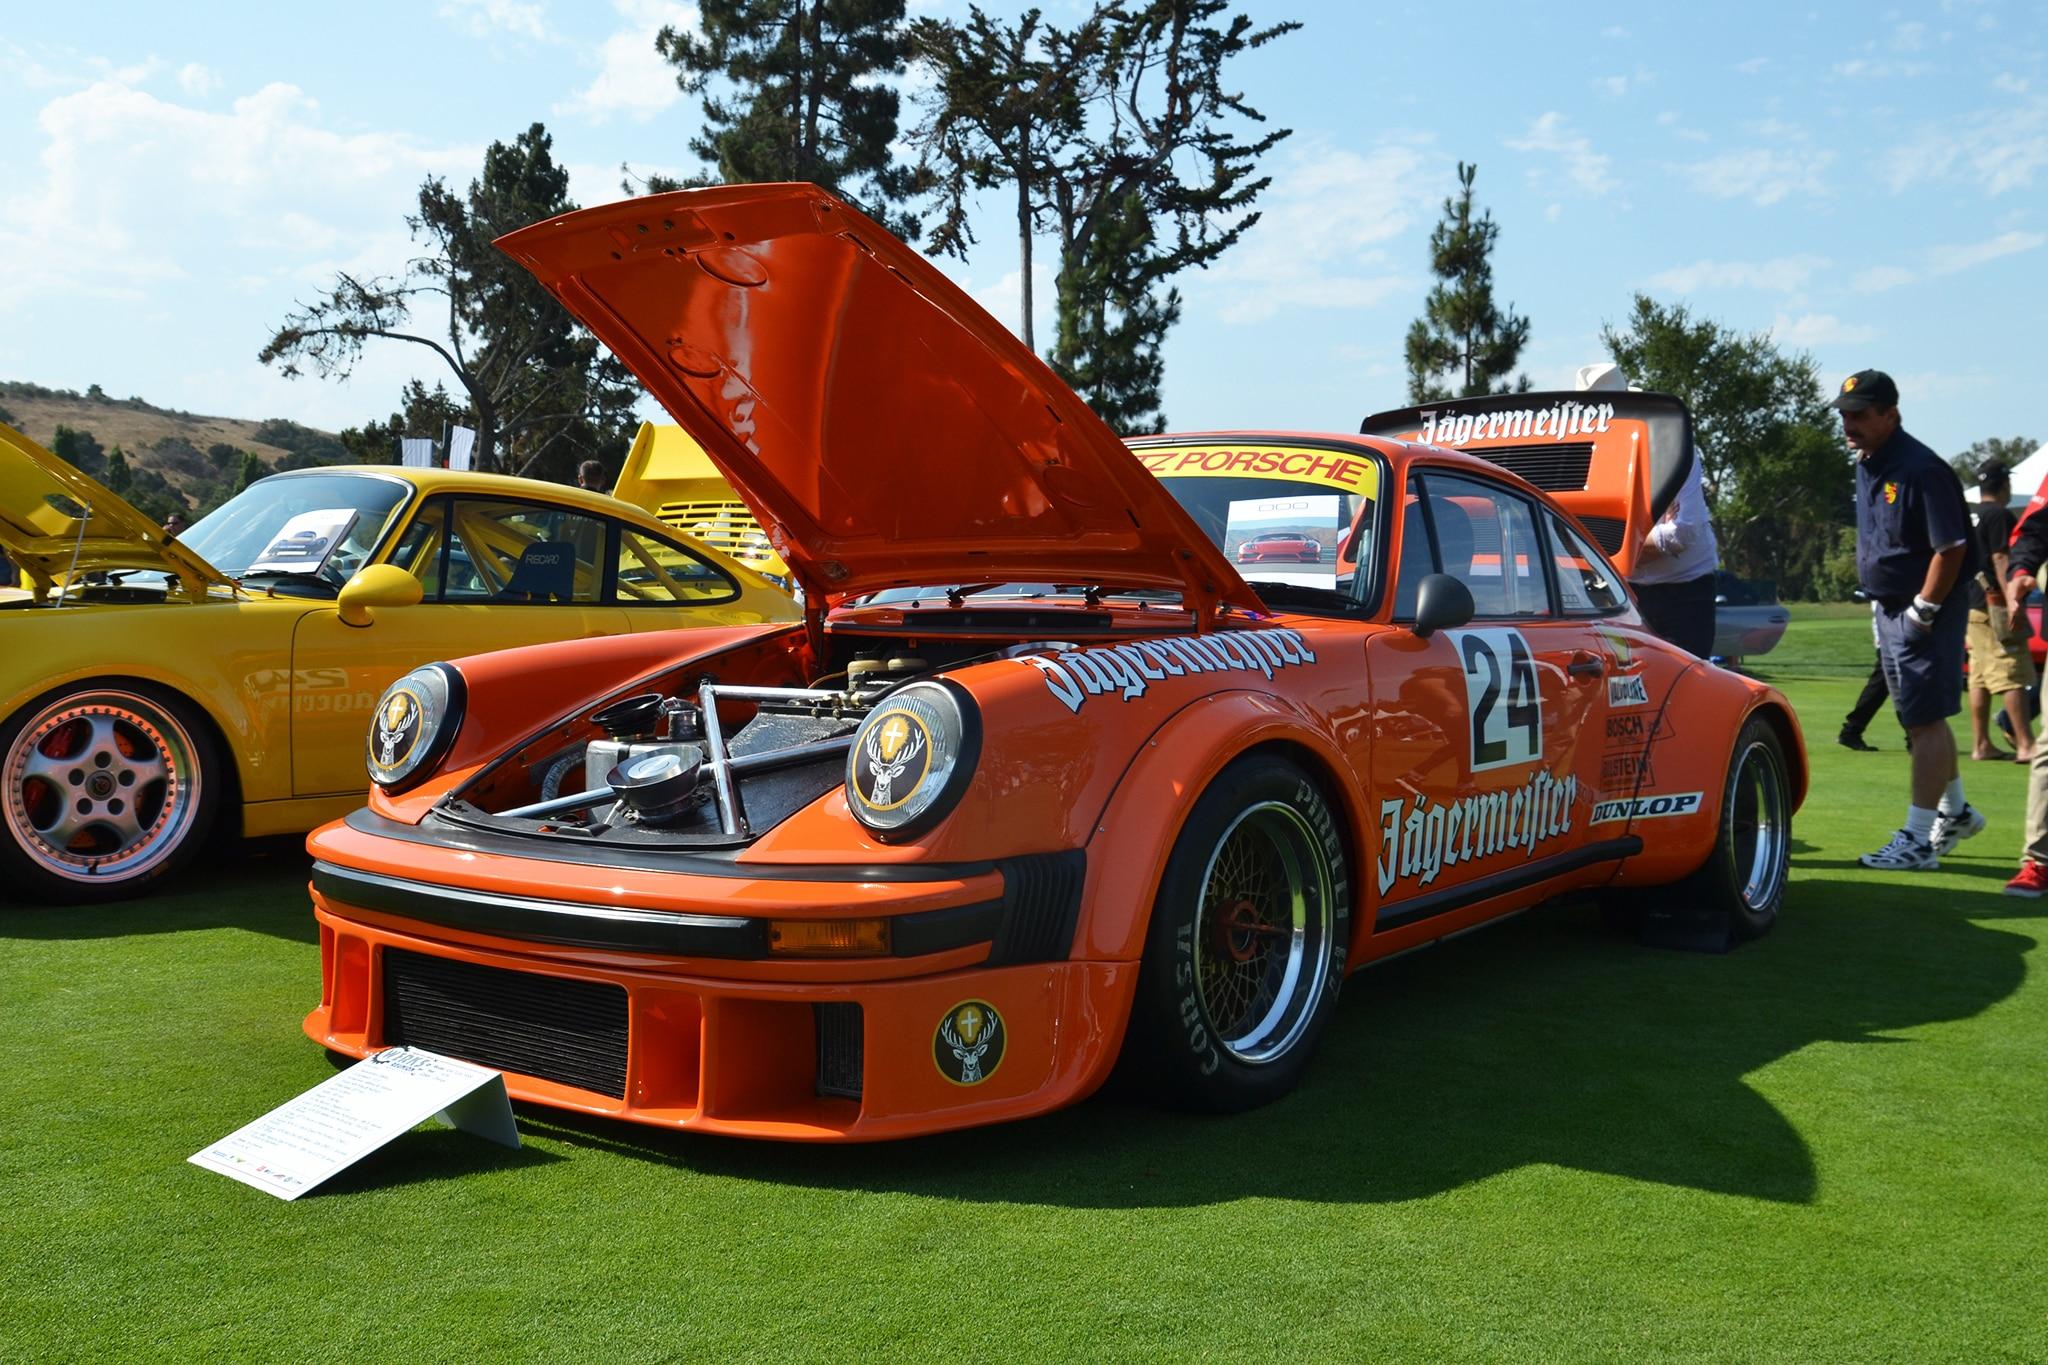 1976 Porsche 934 Turbo RSR Werks Reunion 2017